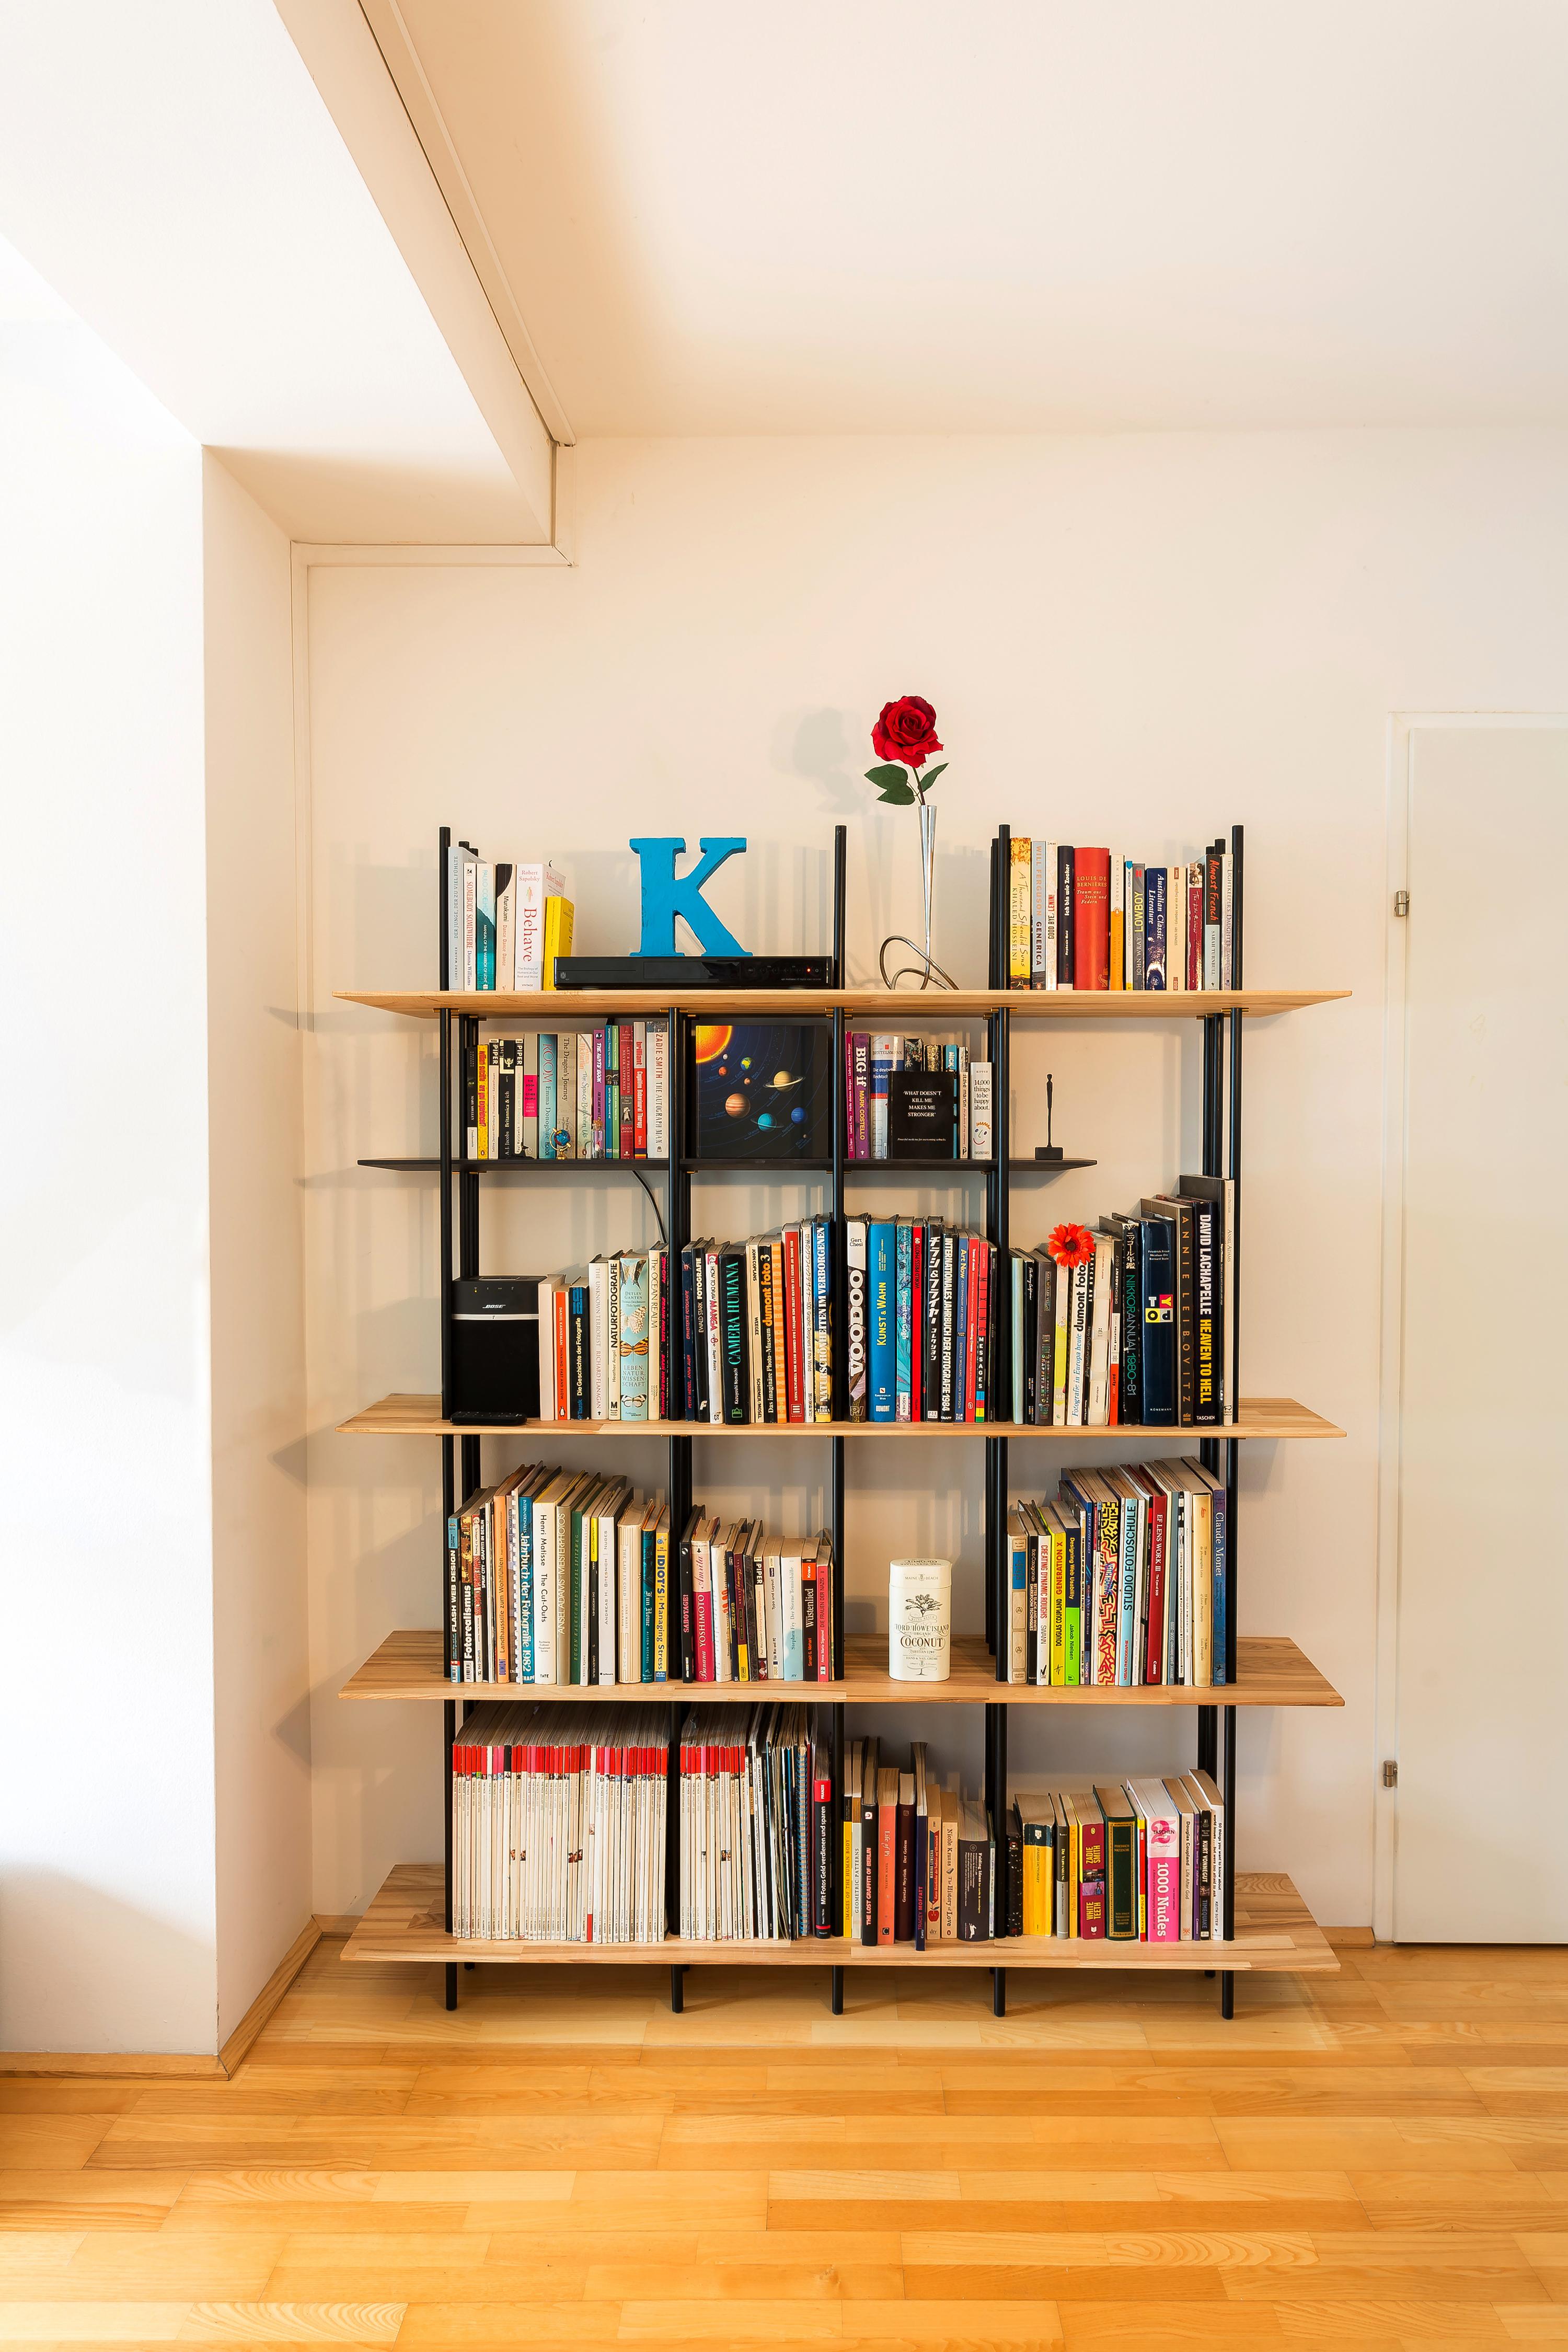 Essen Design rechte boekenkast 1.jpg